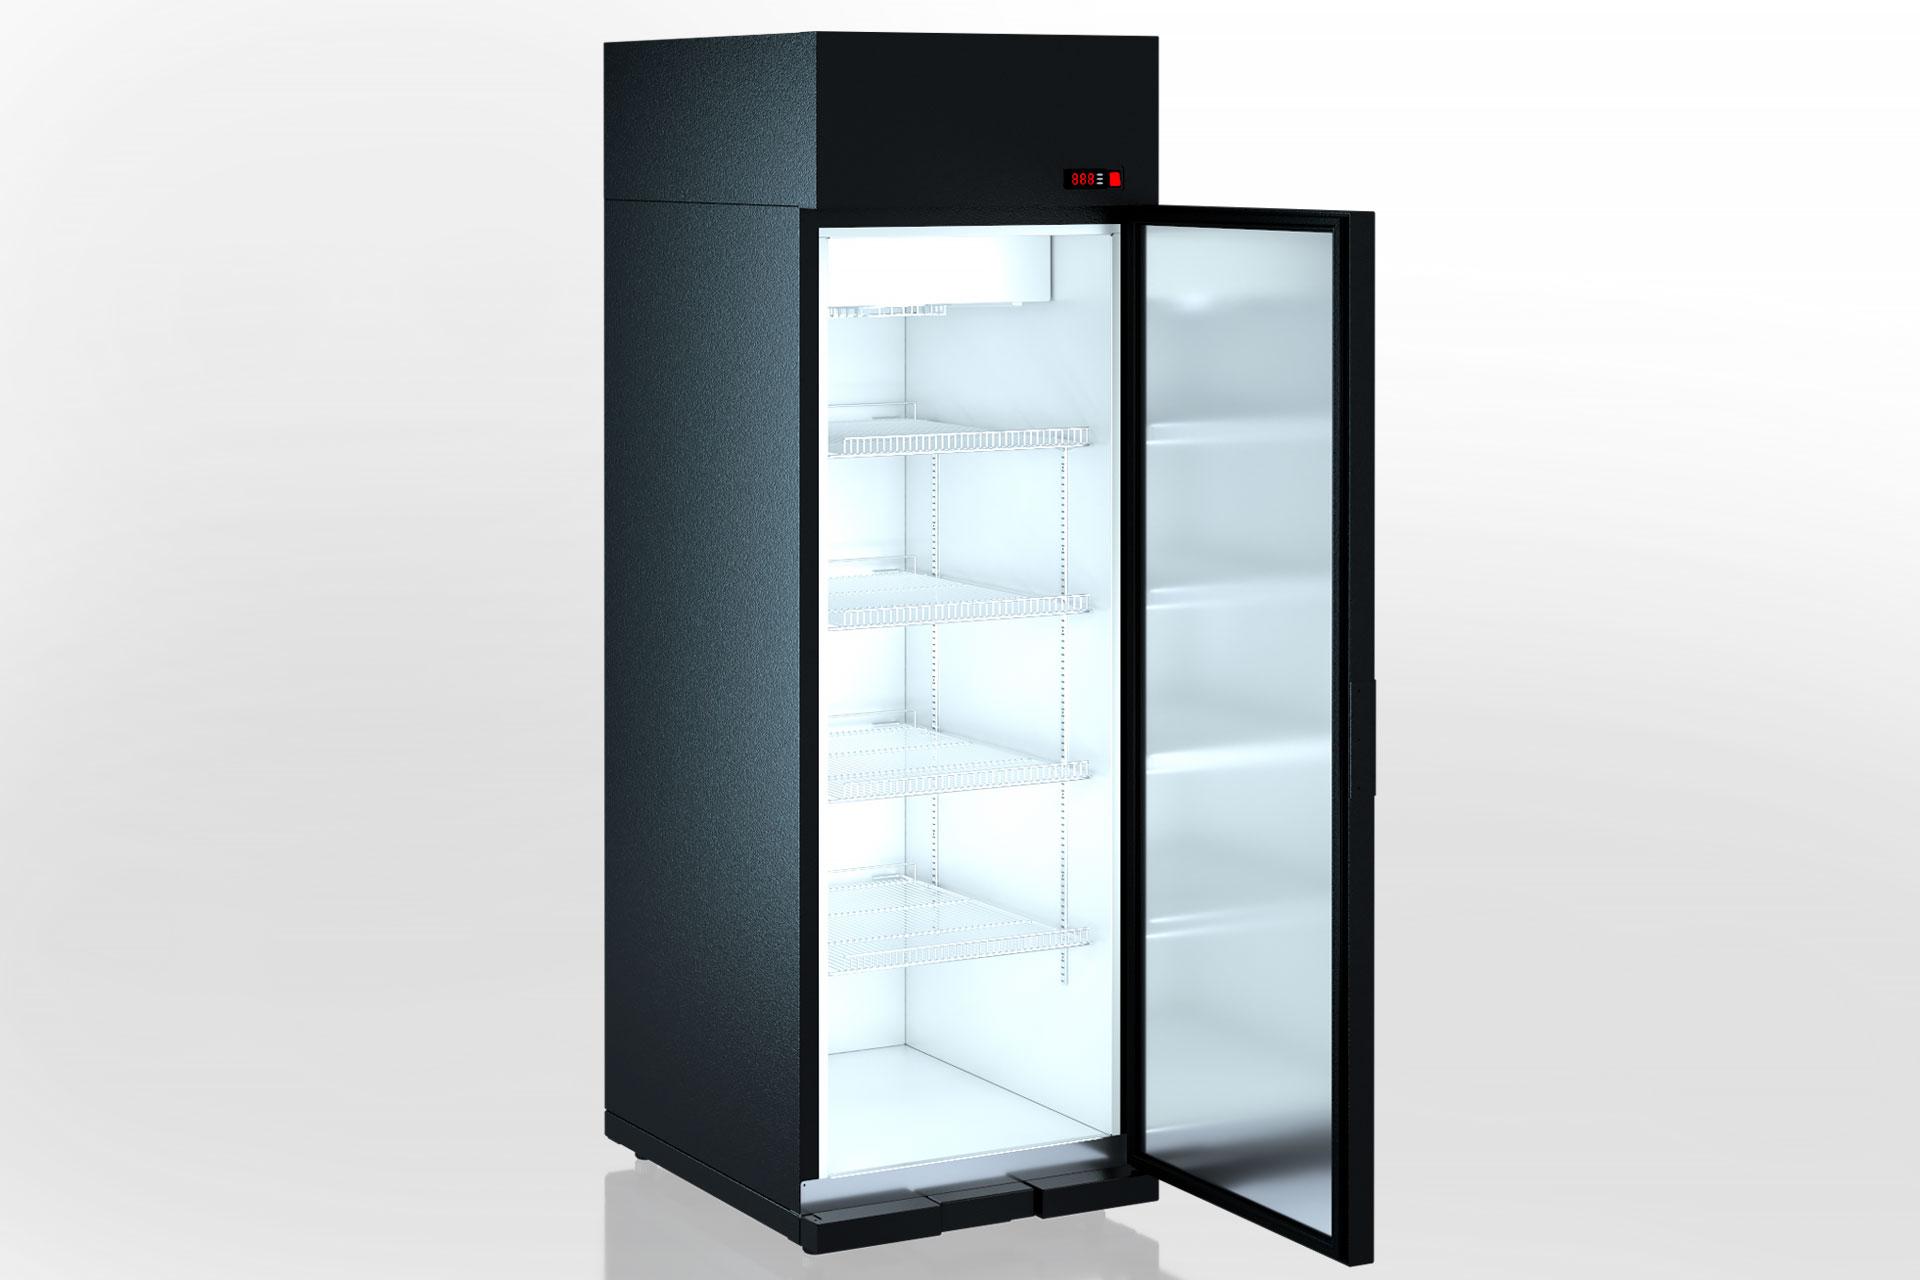 Вітрини для заморожених продуктів Kansas VАZG090 LT 1HD 210-D700A-069